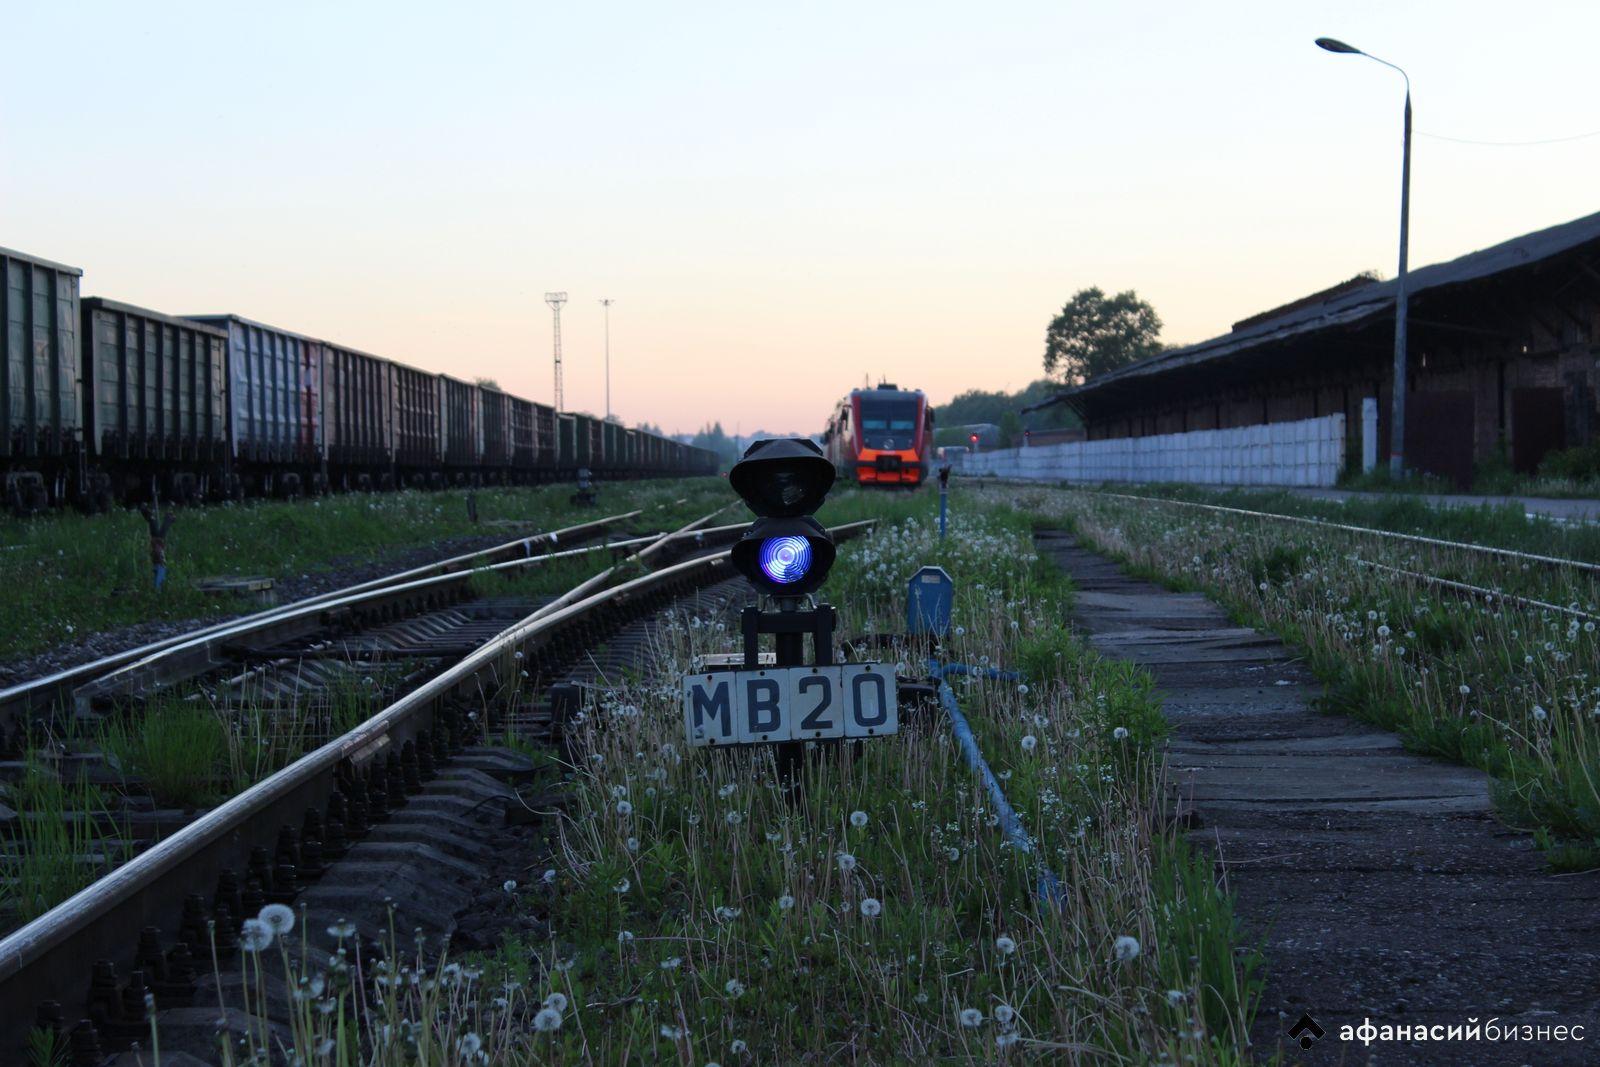 В Тверской области лось погиб на железной дороге после встречи с поездом